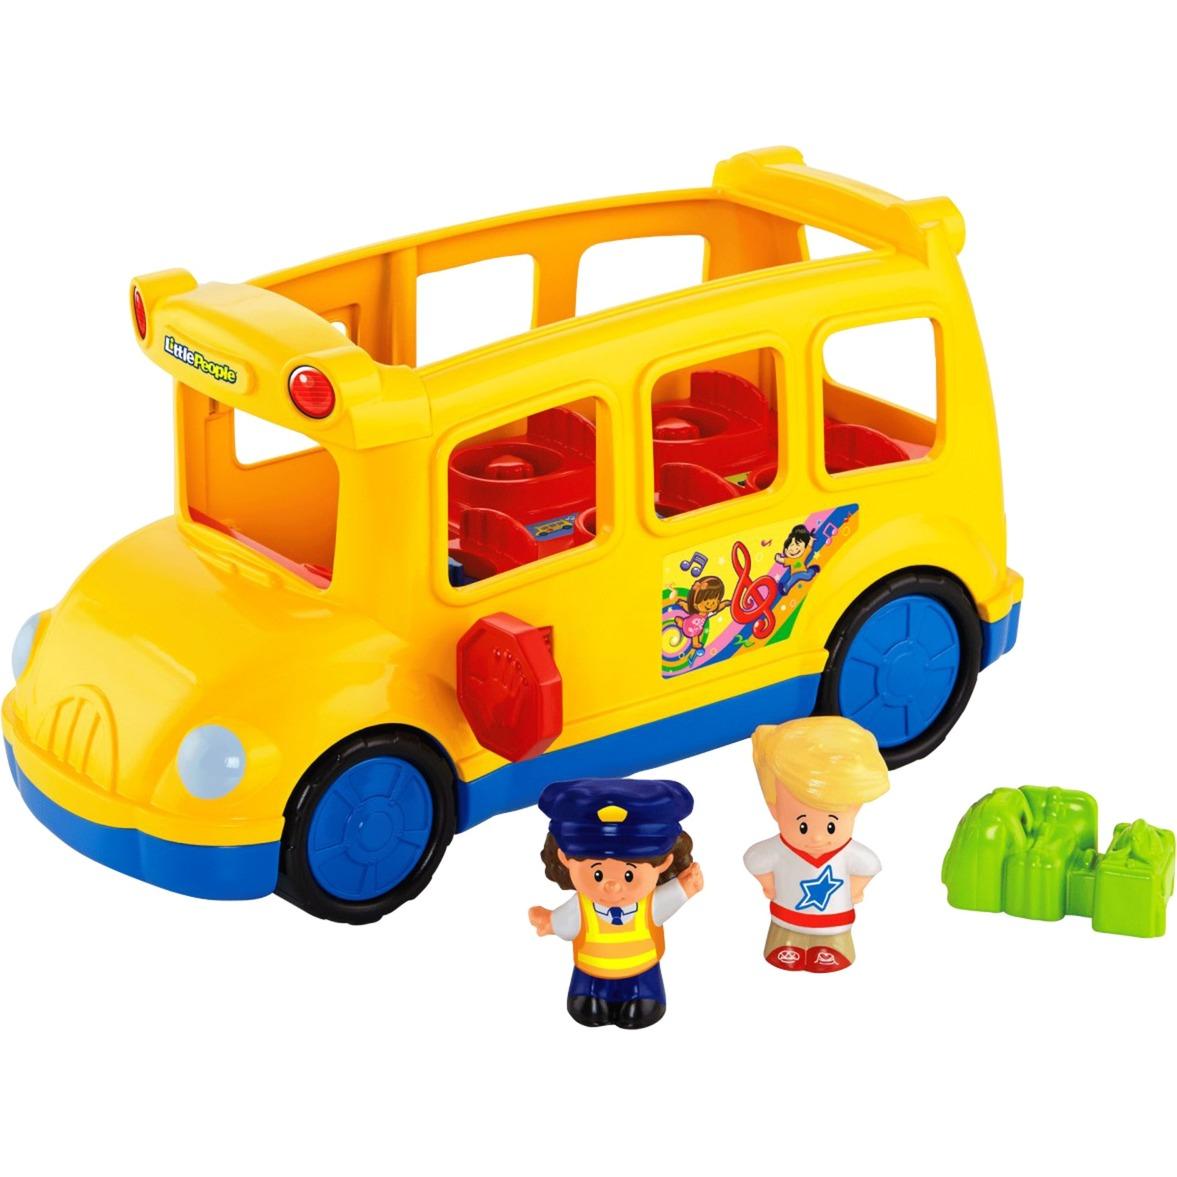 Little People School Bus De plástico vehículo de juguete, Automóvil de construcción